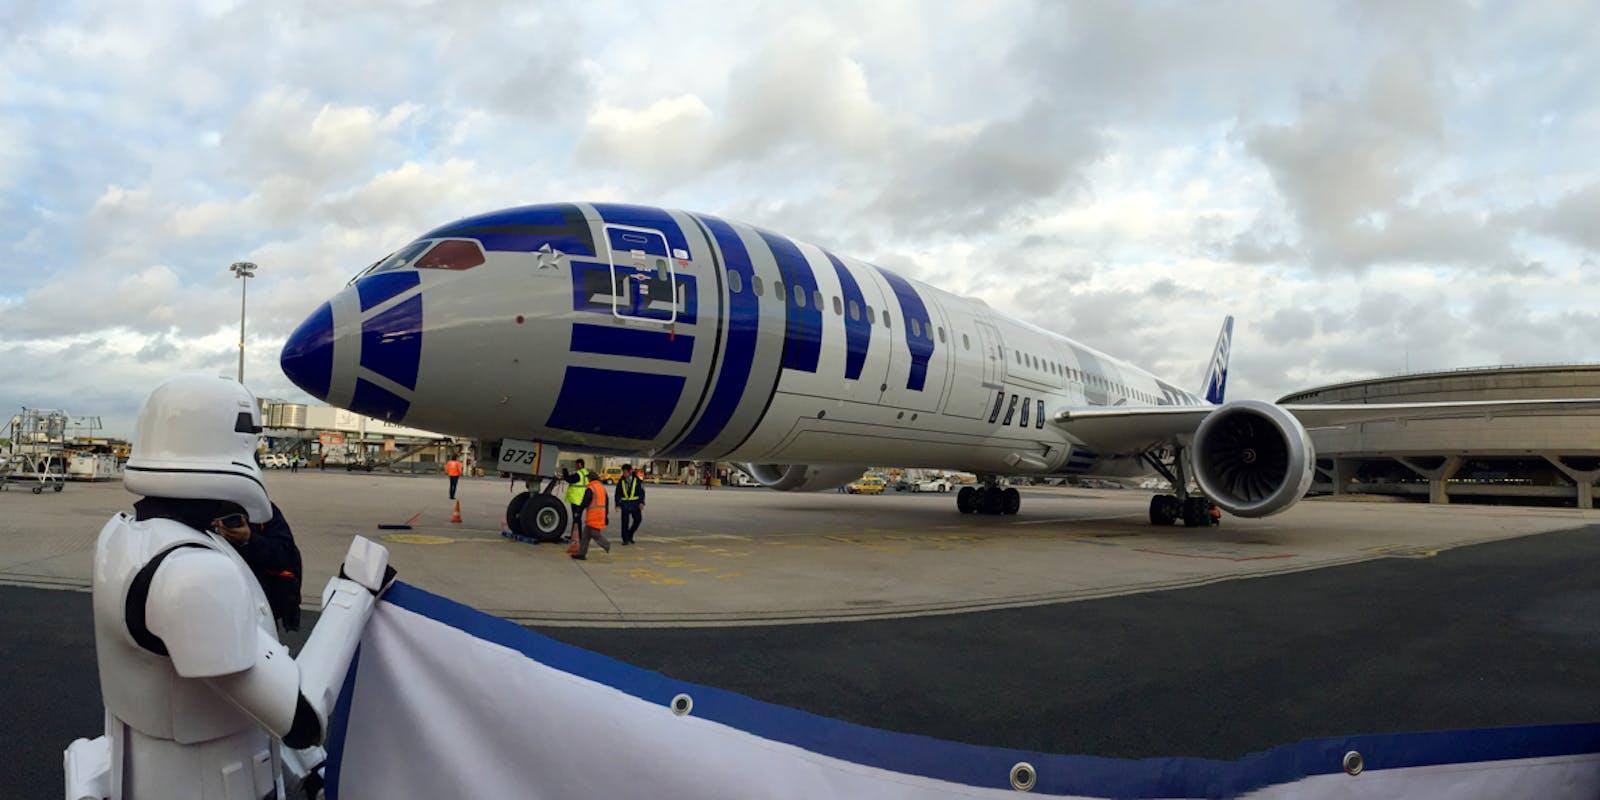 ANA et Aéroport de Paris accueillent le vol R2D2